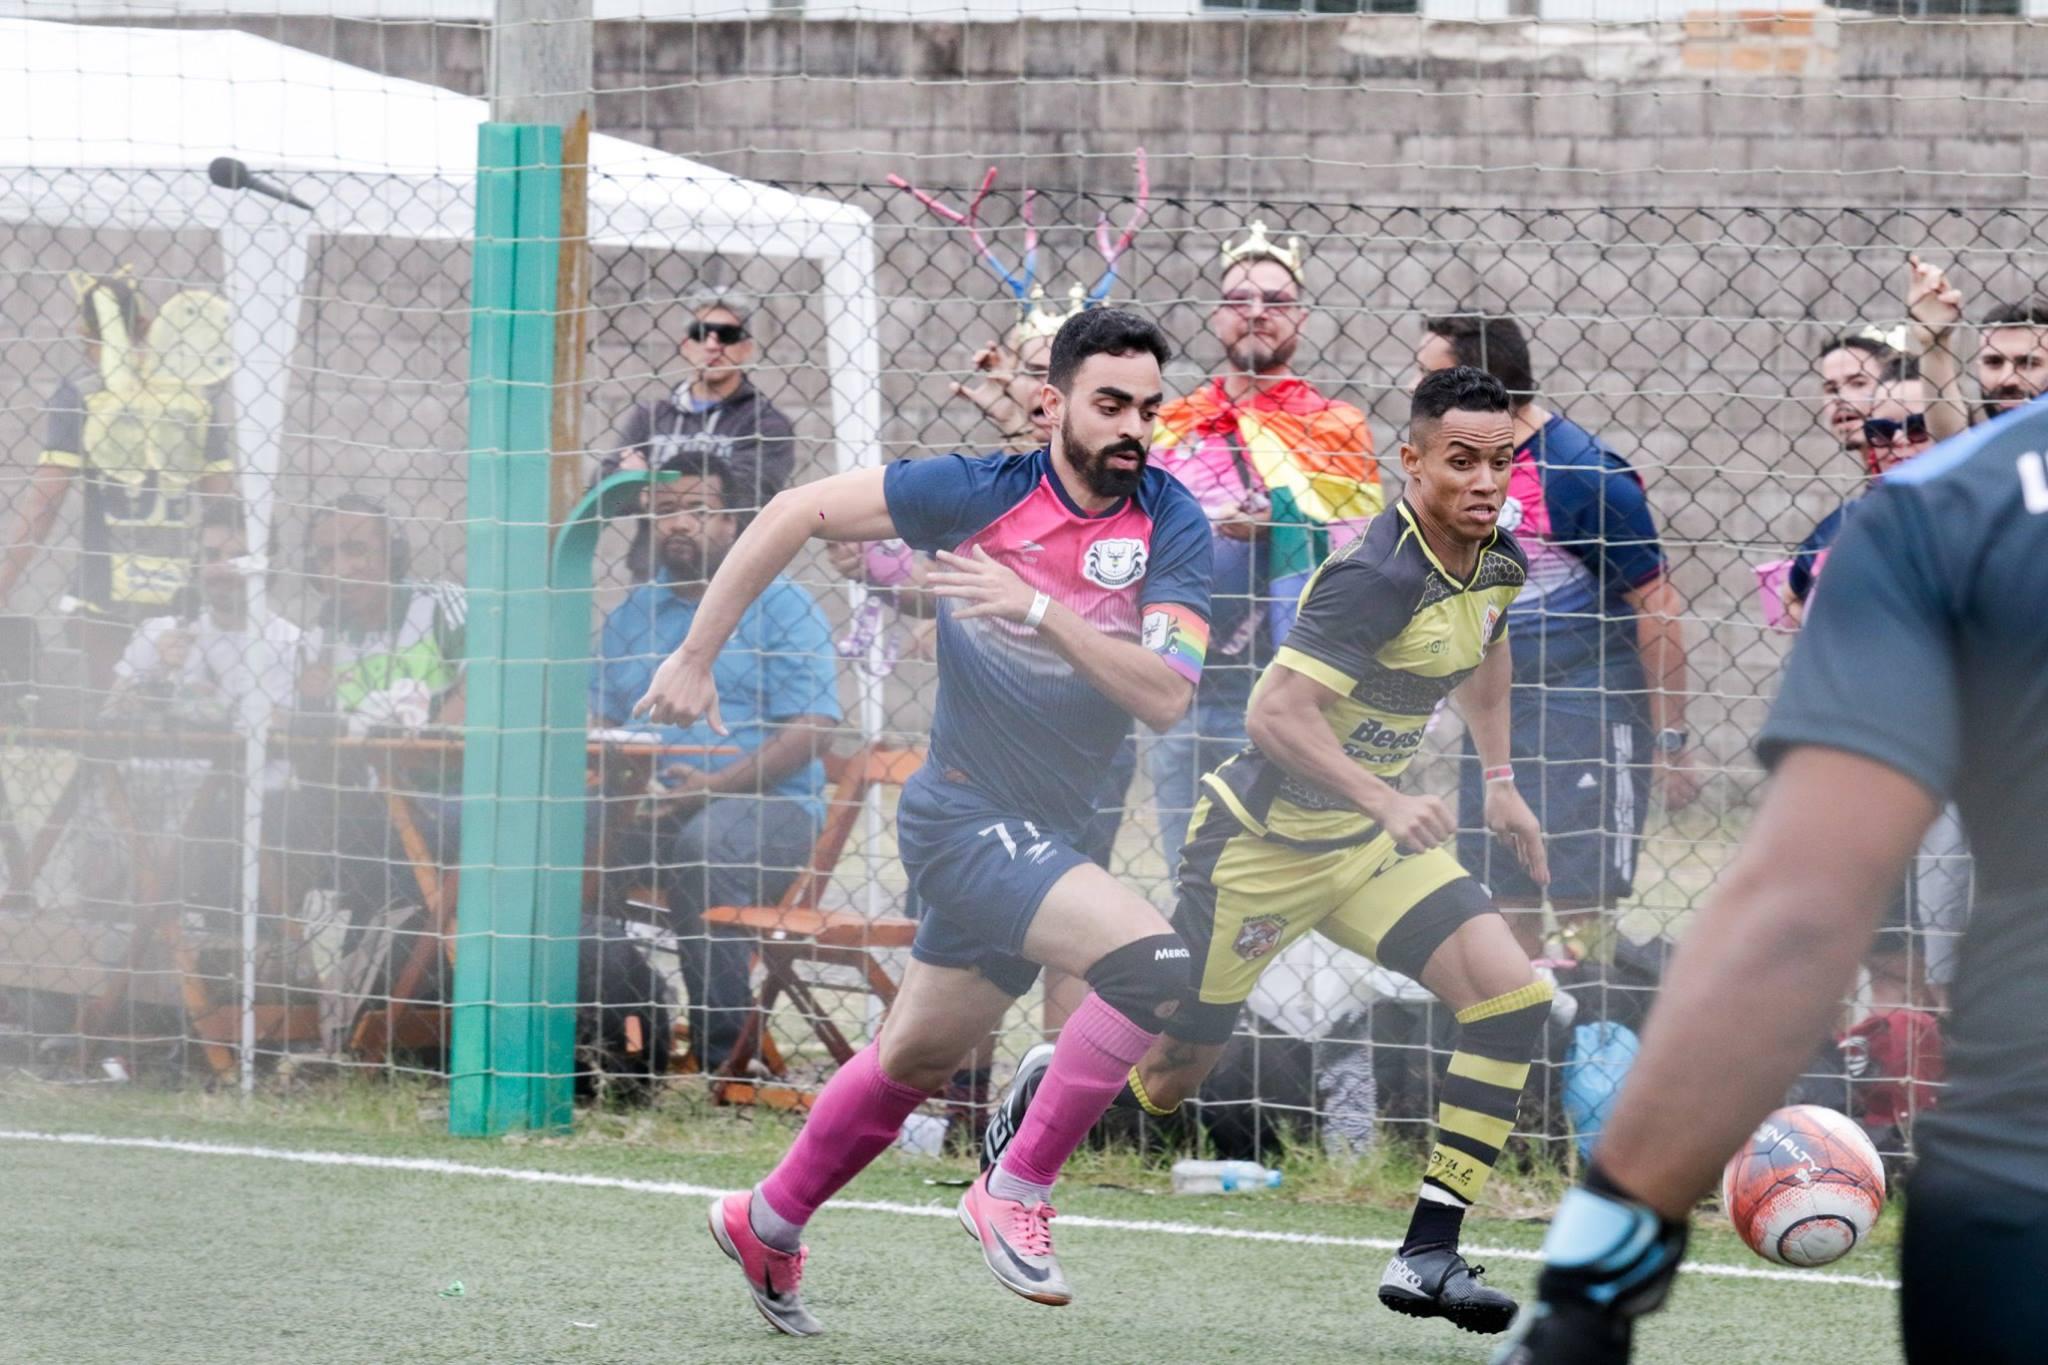 LiGay - Campeonato Gay de Futebol Brasileiro acontece em São Paulo